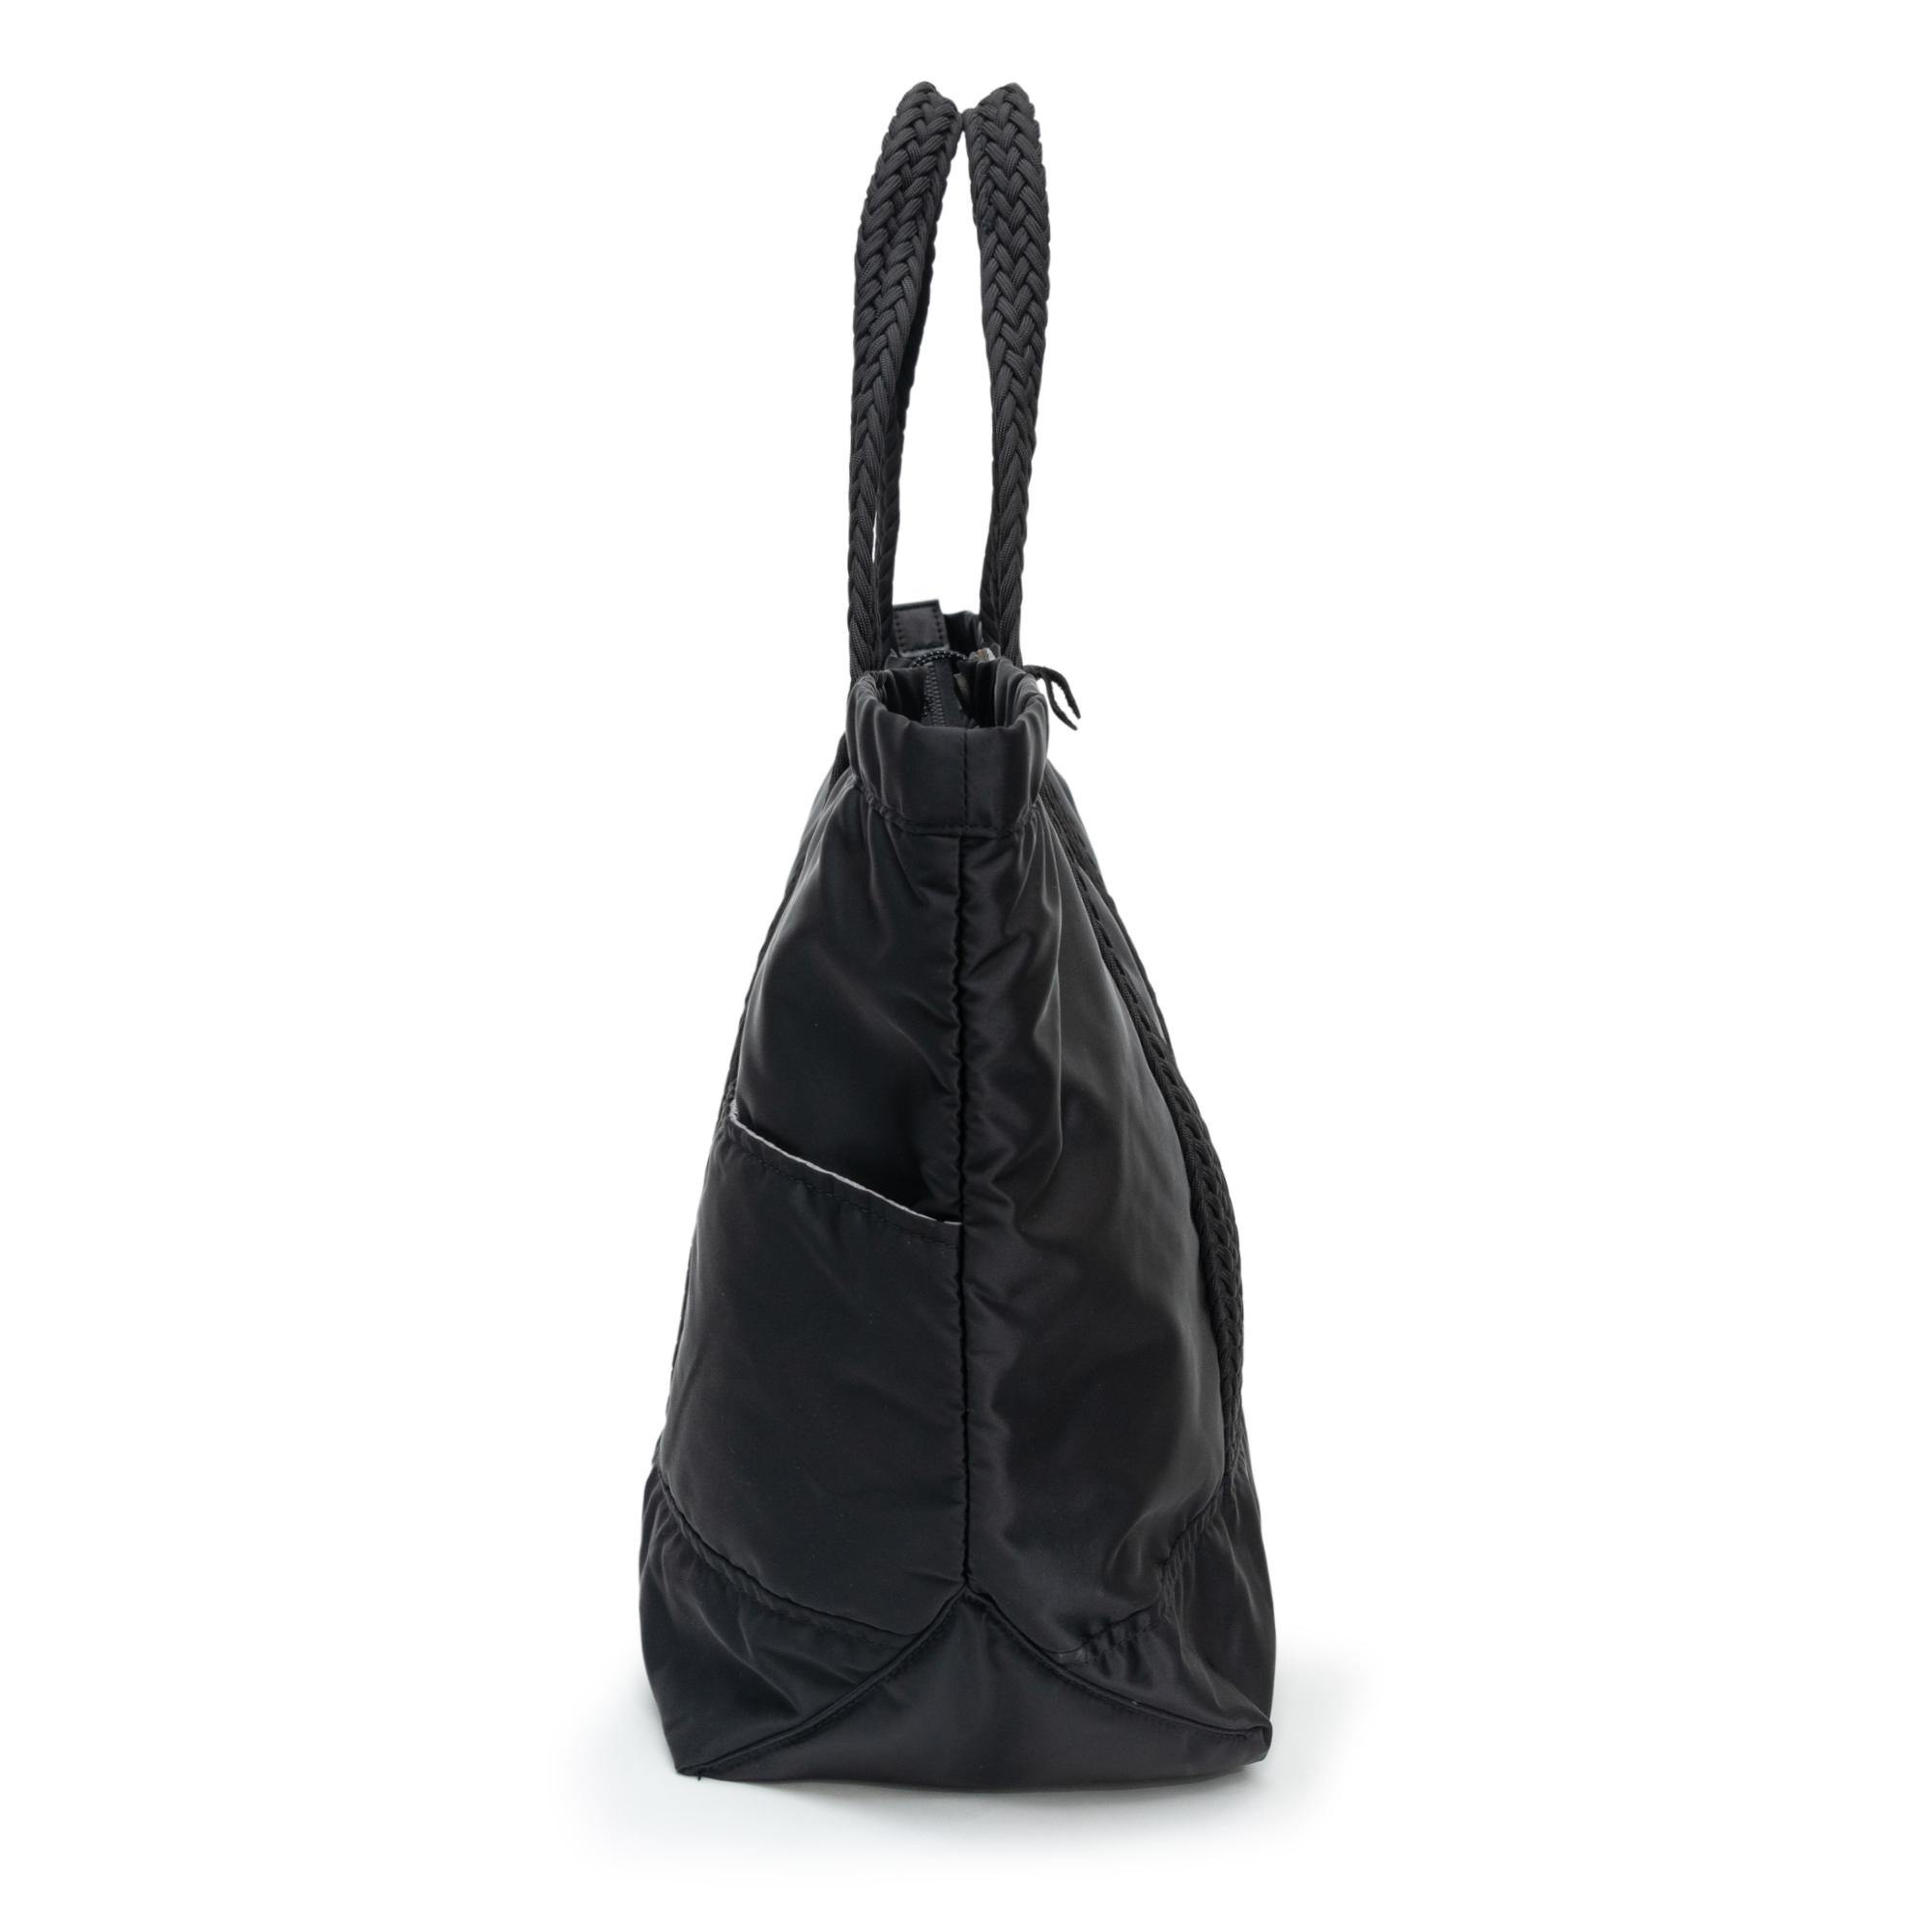 バルコニー トートバッグ -XL ブラック画像その3